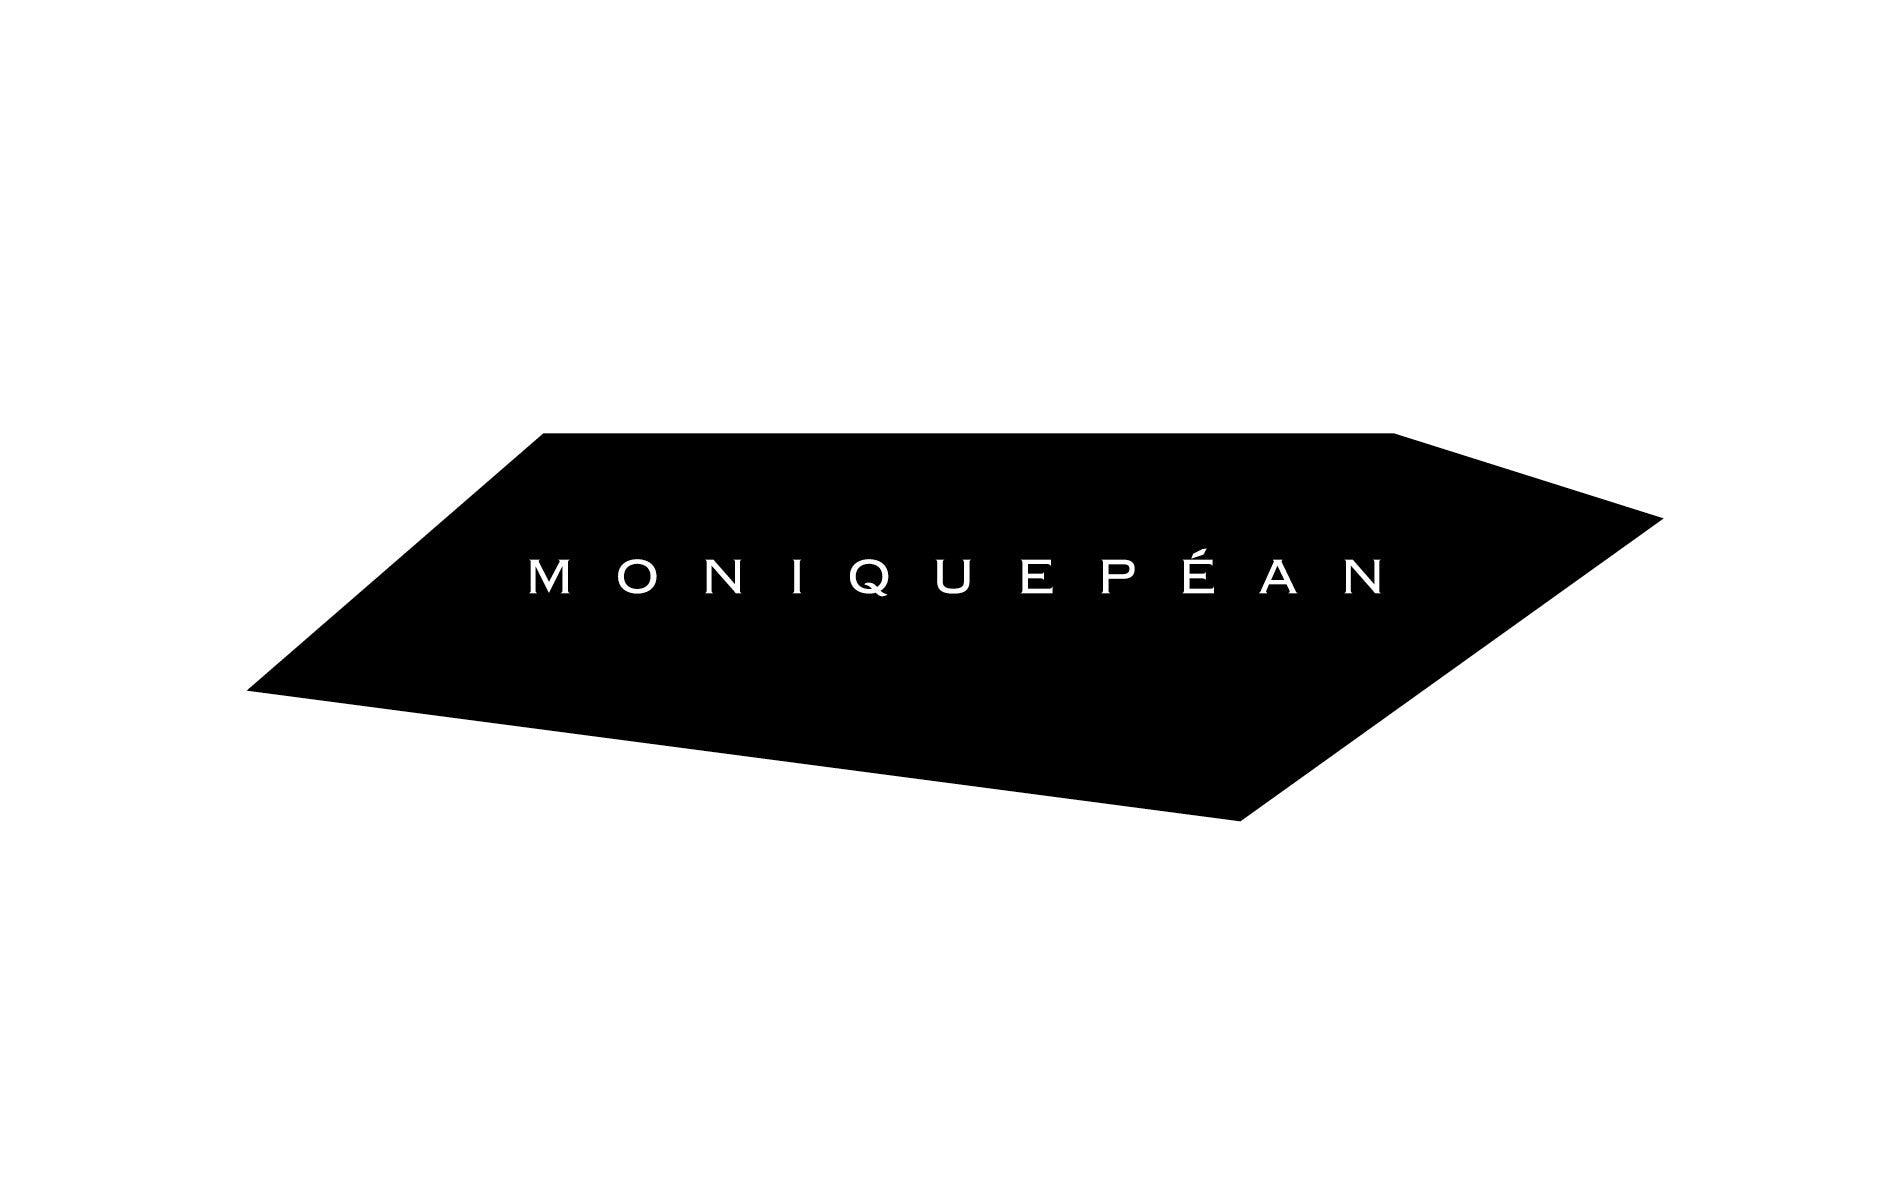 Monique Péan company logo